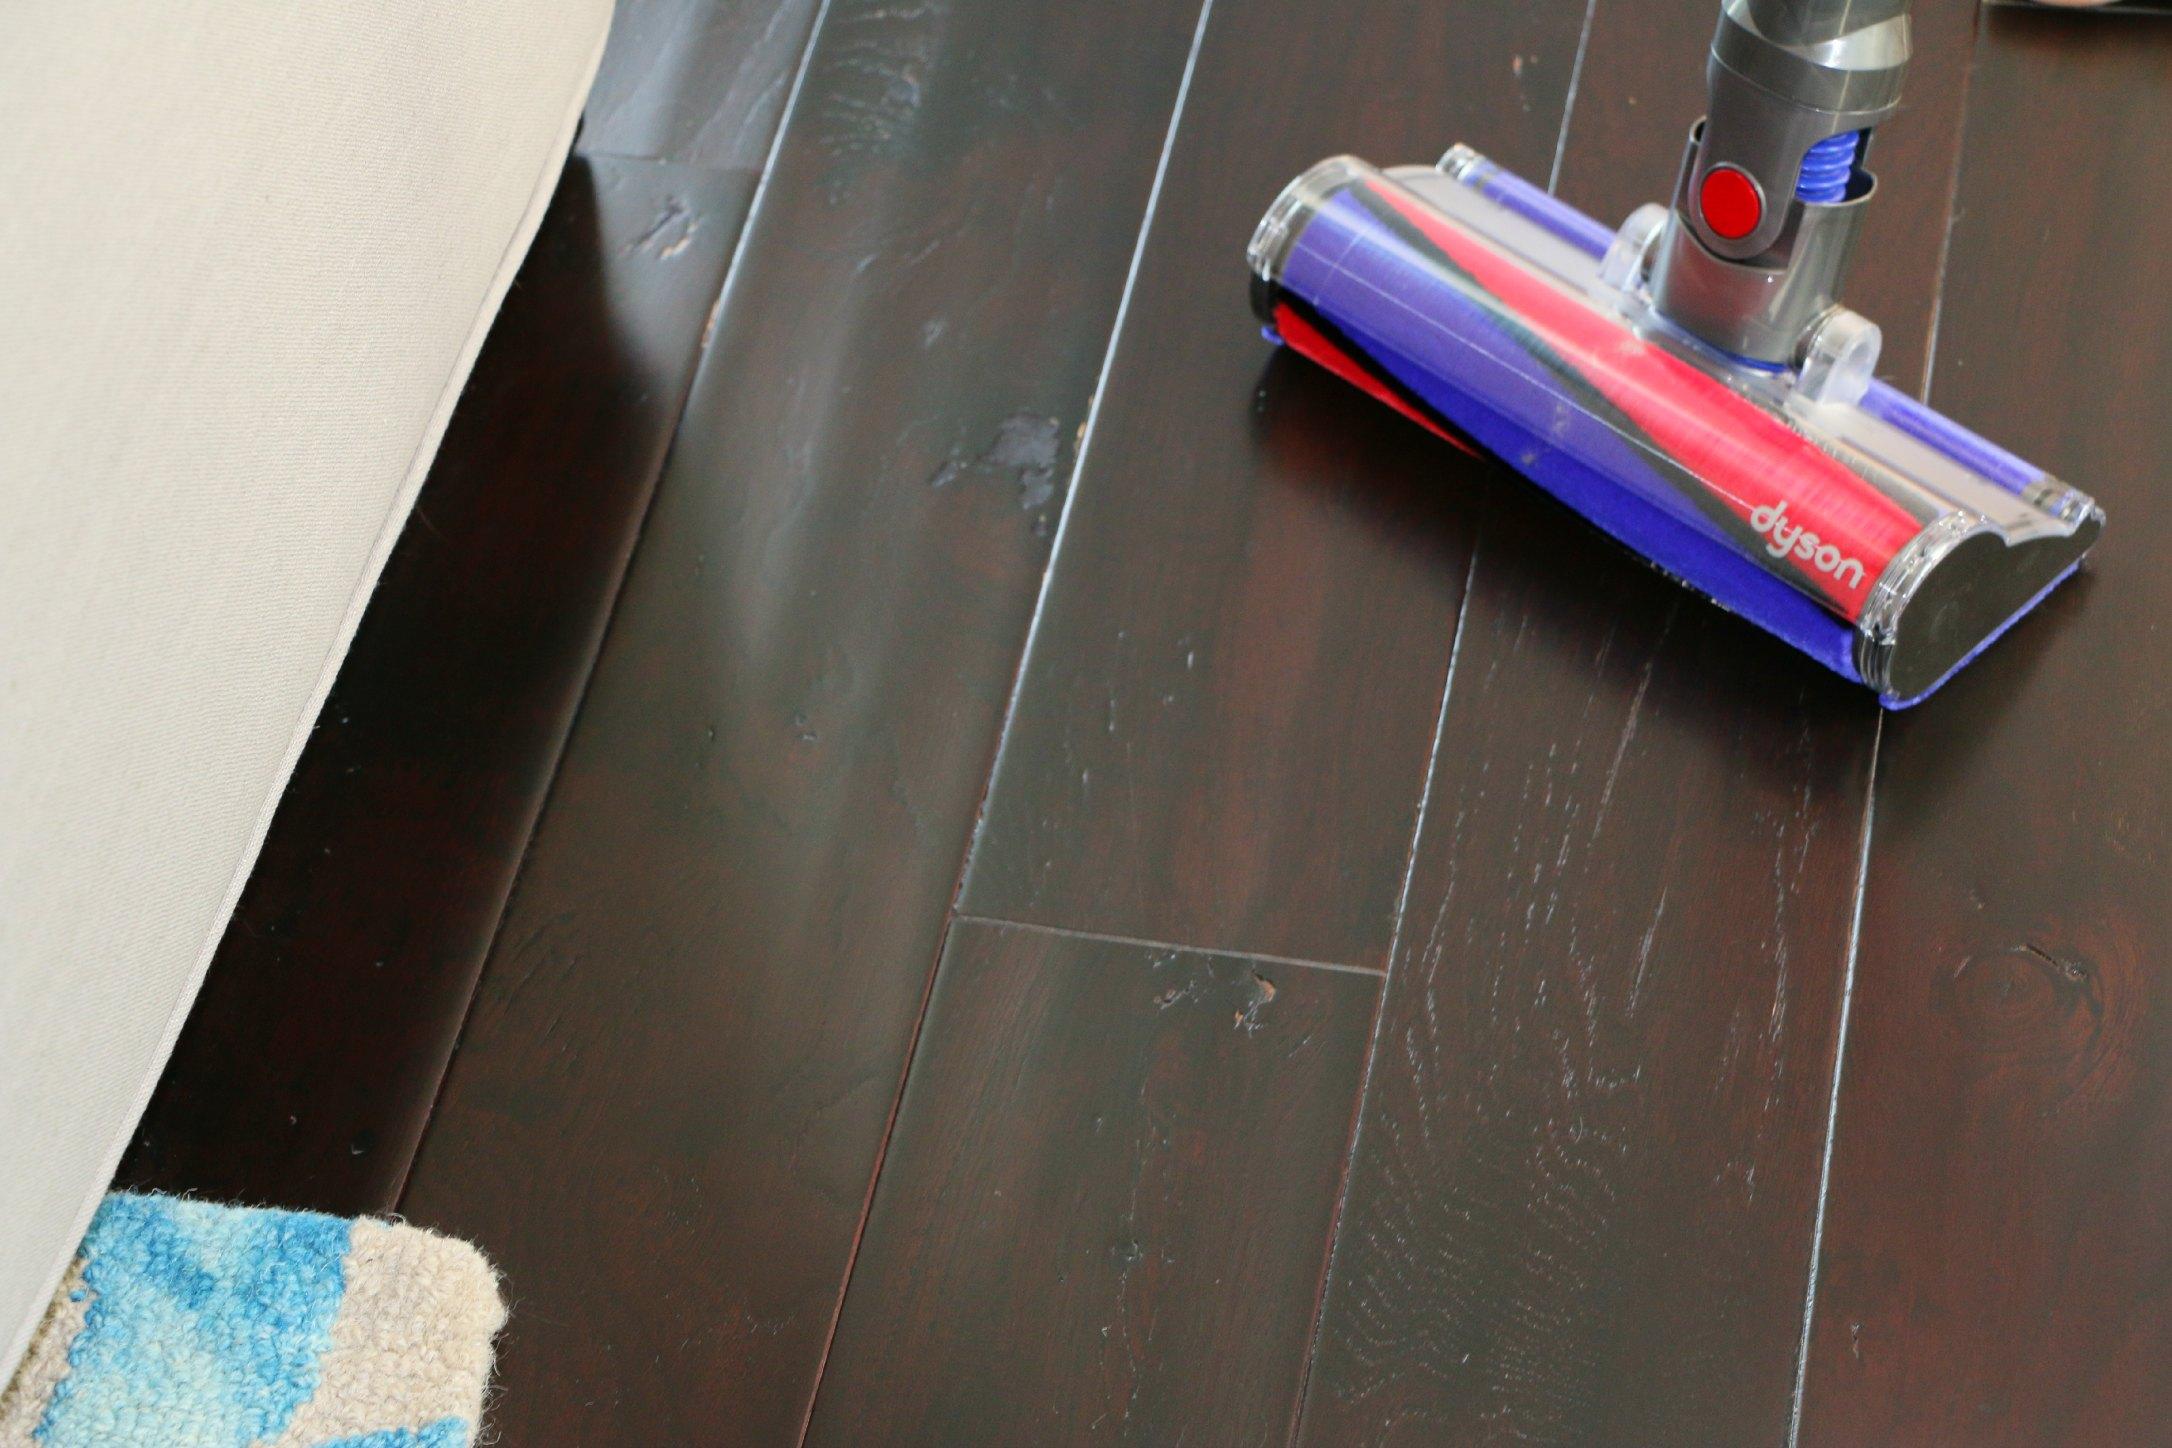 dyson stick vacuum on hardwood floors